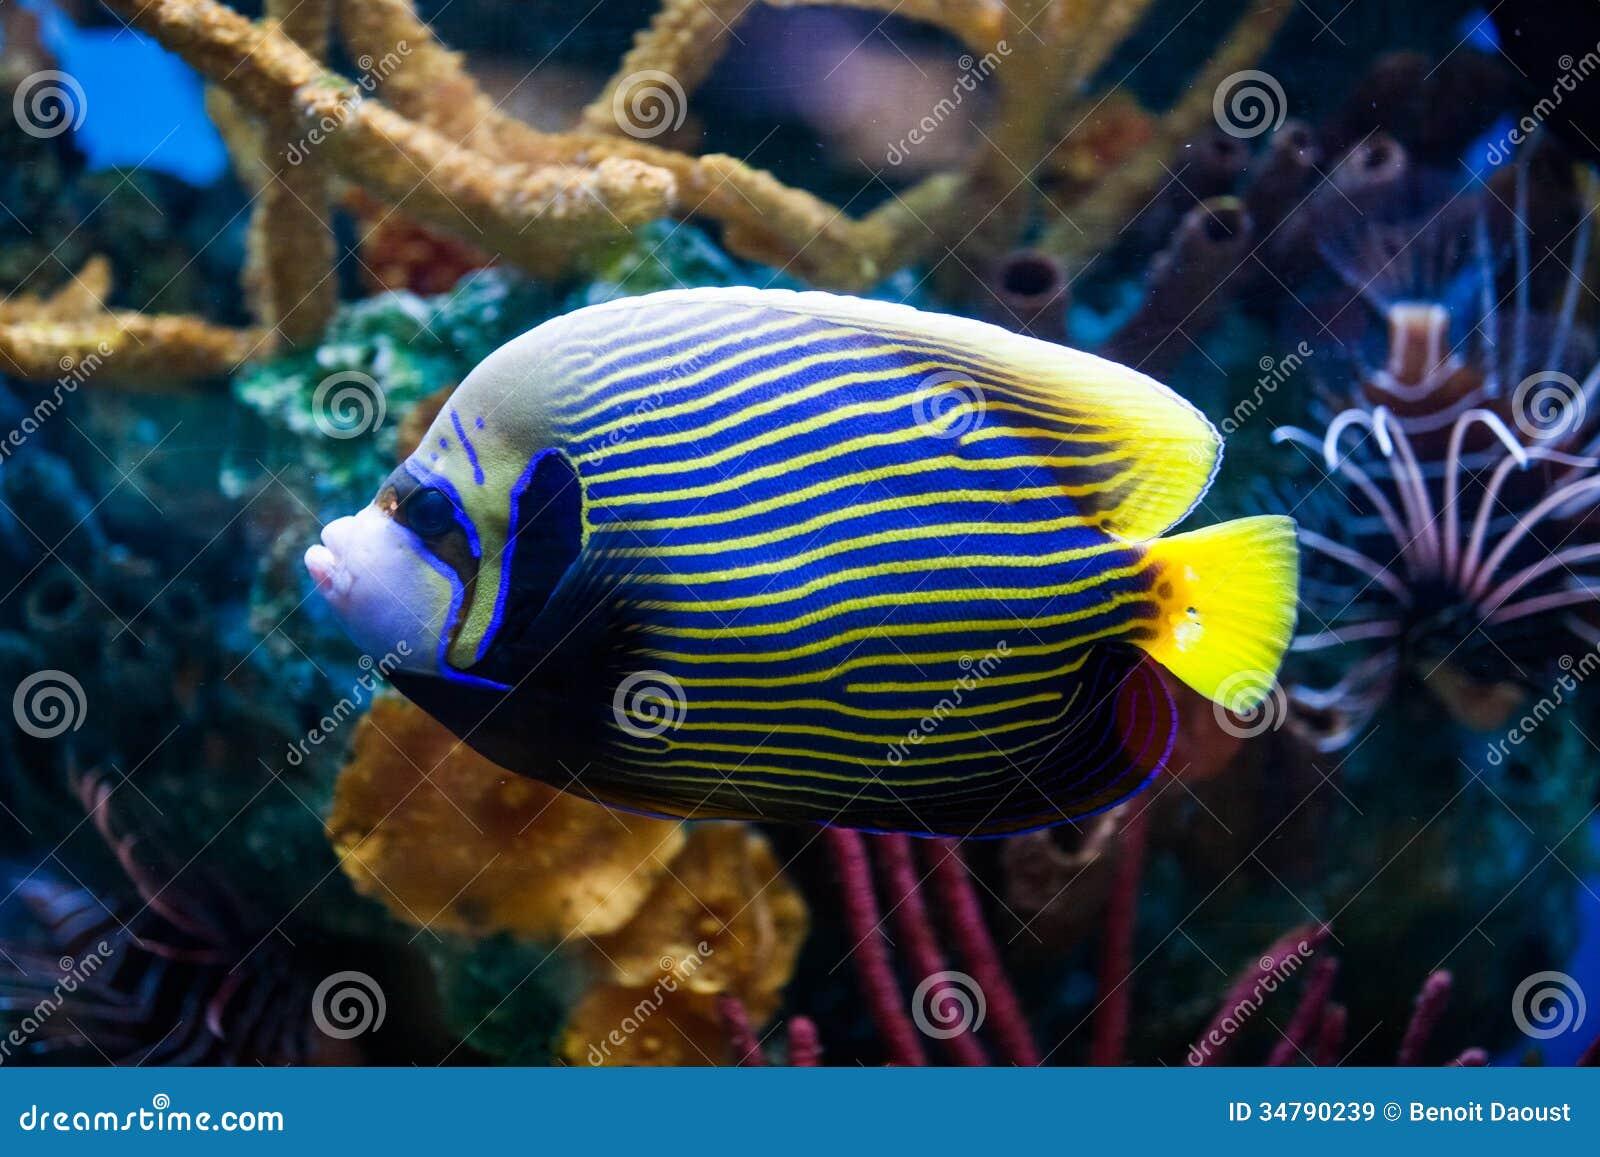 Kaiser anglefish nahaufnahme im salzwasser aquarium for Salzwasser aquarium fische